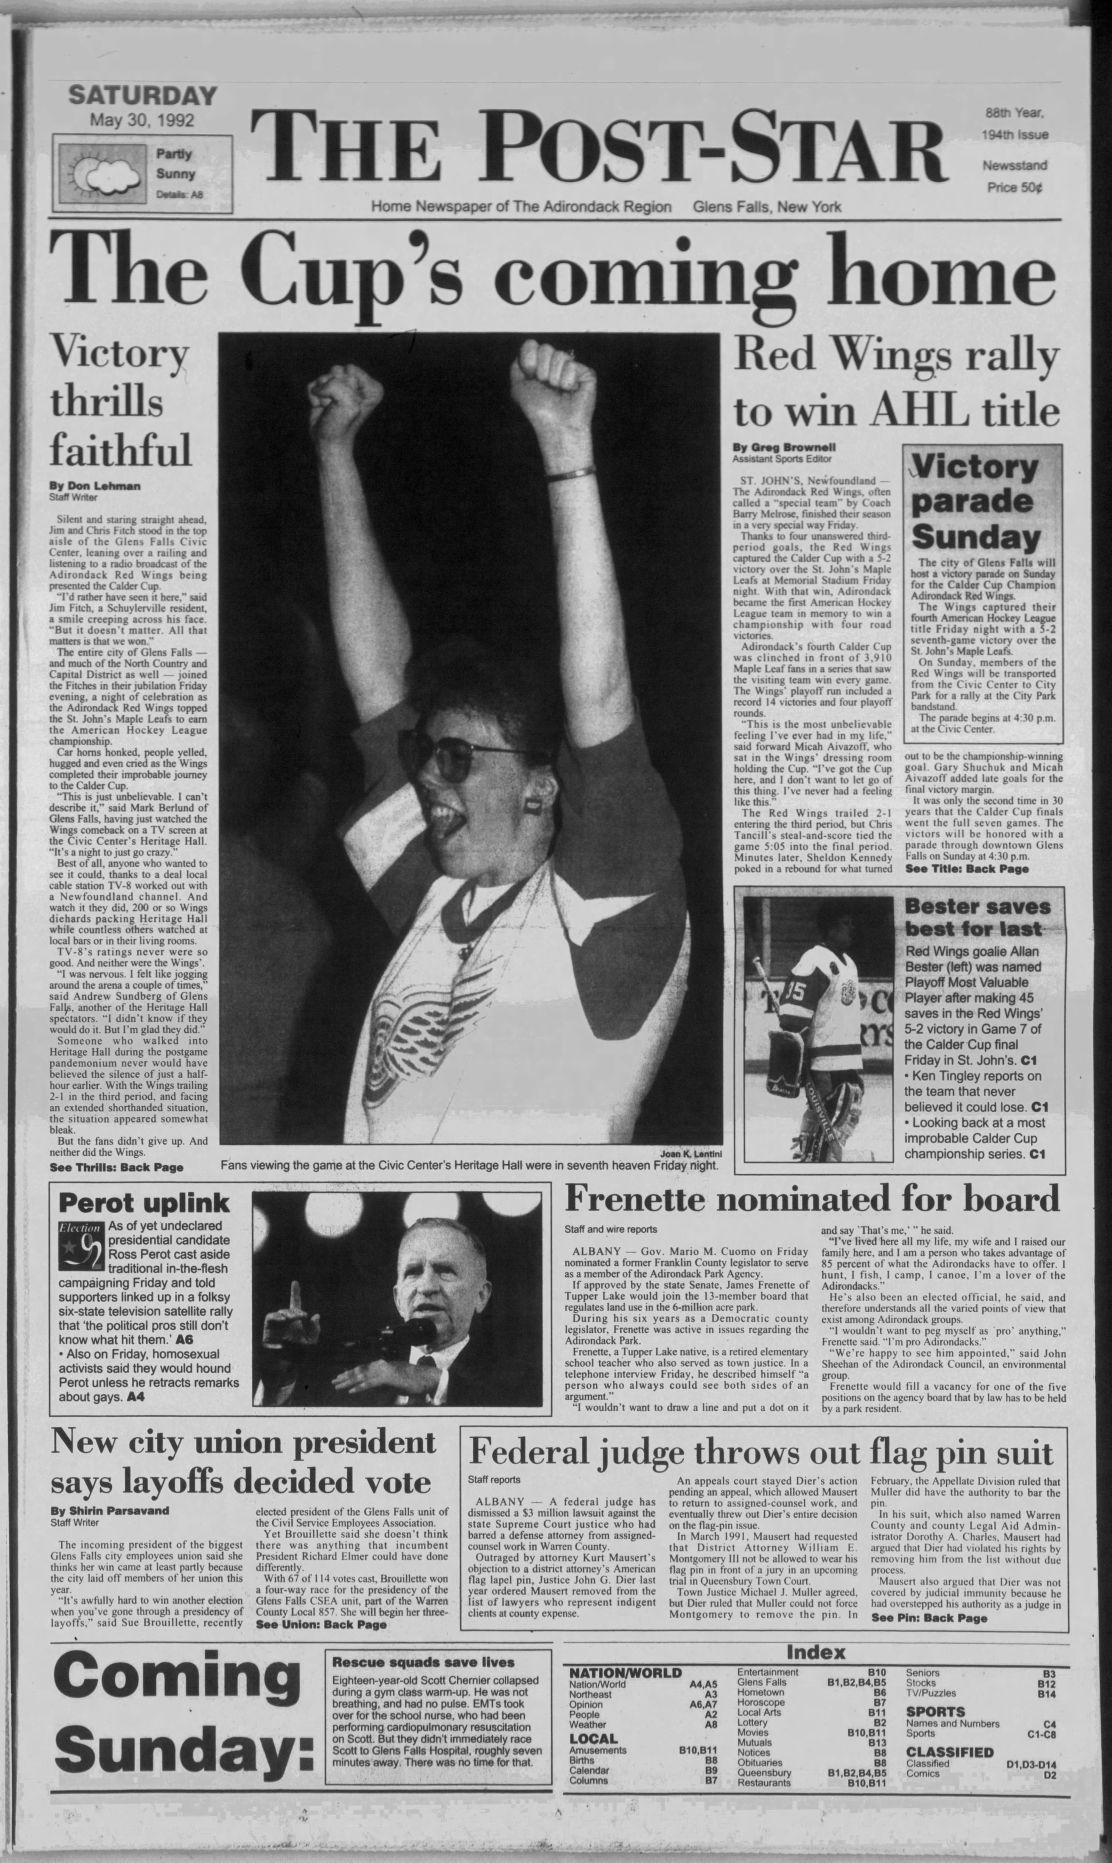 Post-Star A1, May 30, 1992